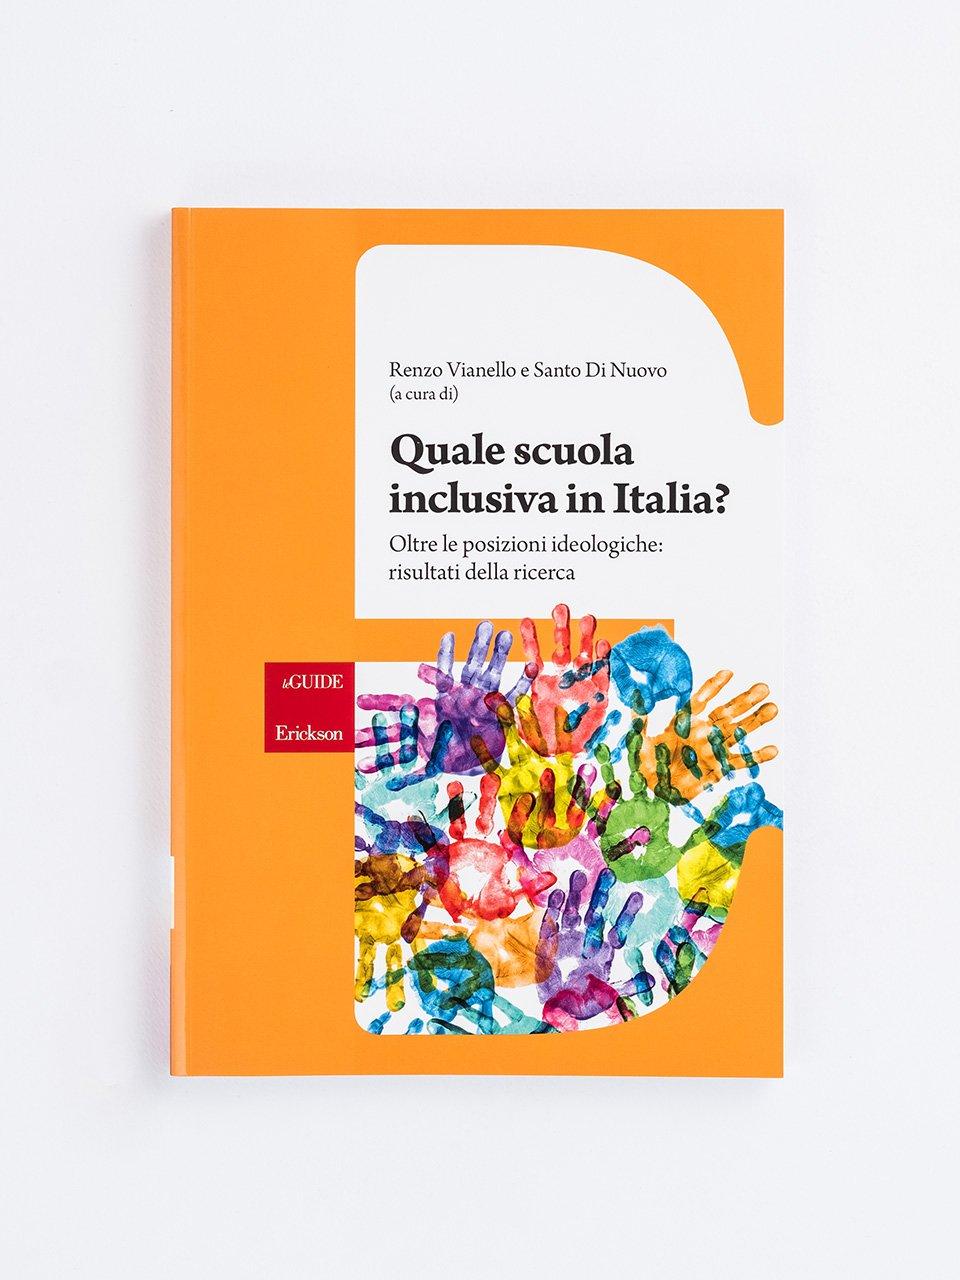 Quale scuola inclusiva in Italia? - La valutazione inclusiva - Formazione - Erickson